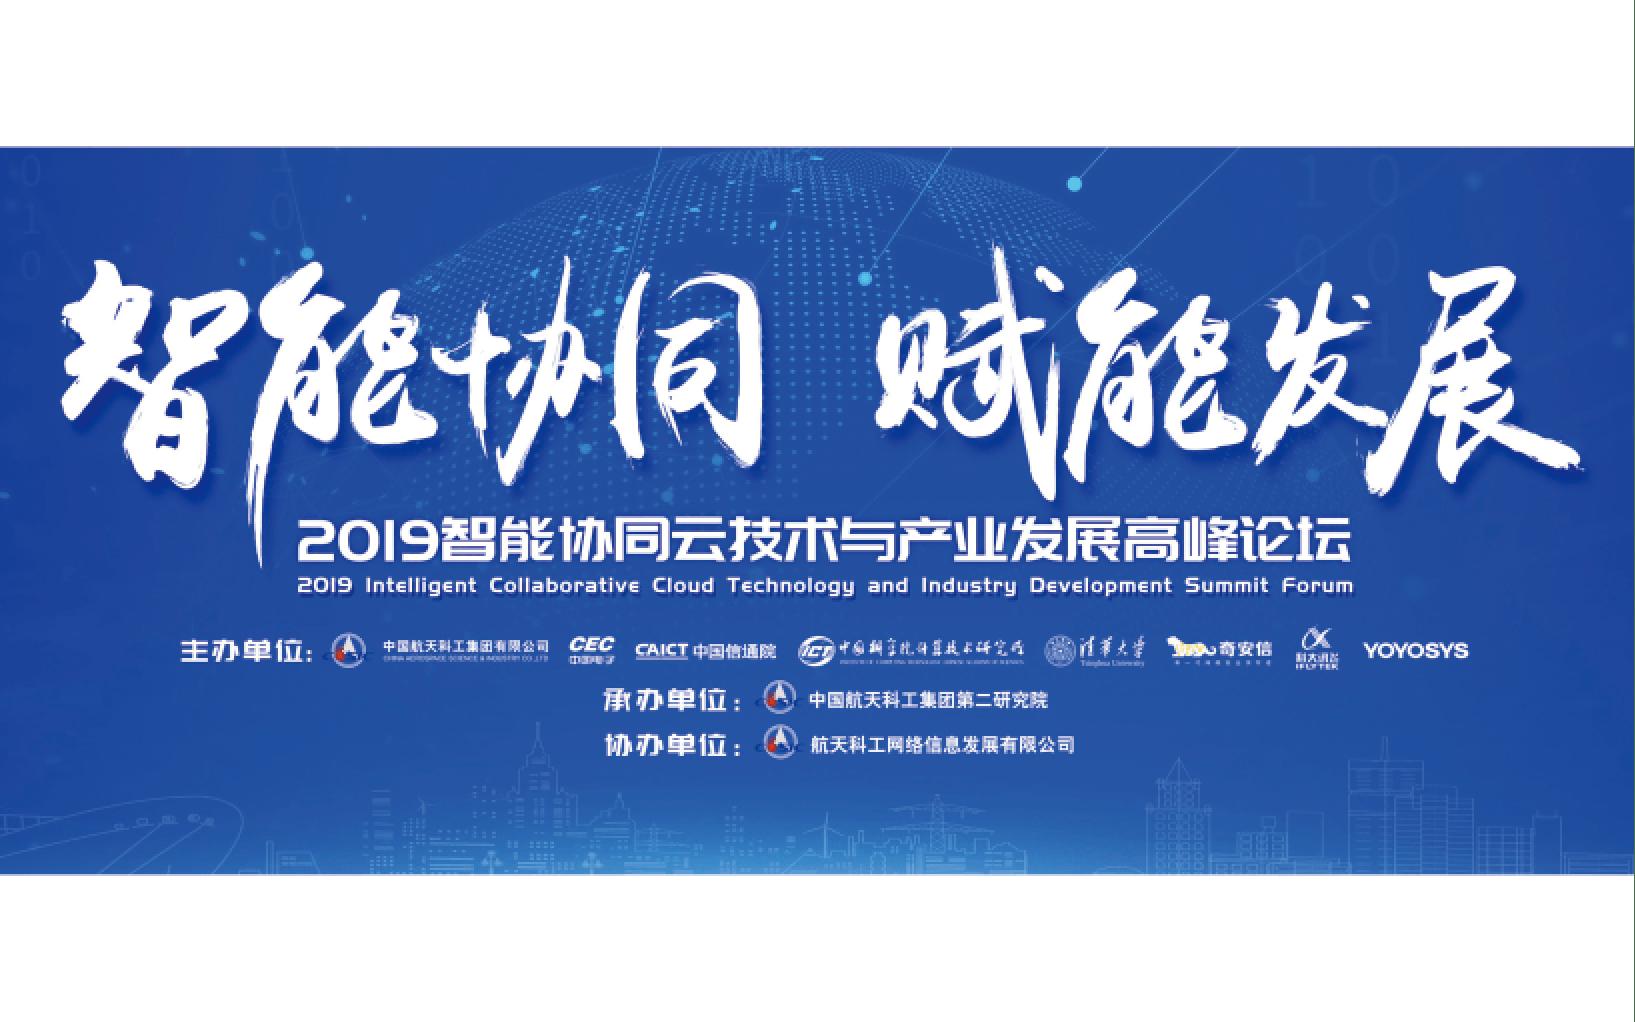 2019第三届智能协同云技术与产业发展高峰论坛(北京)